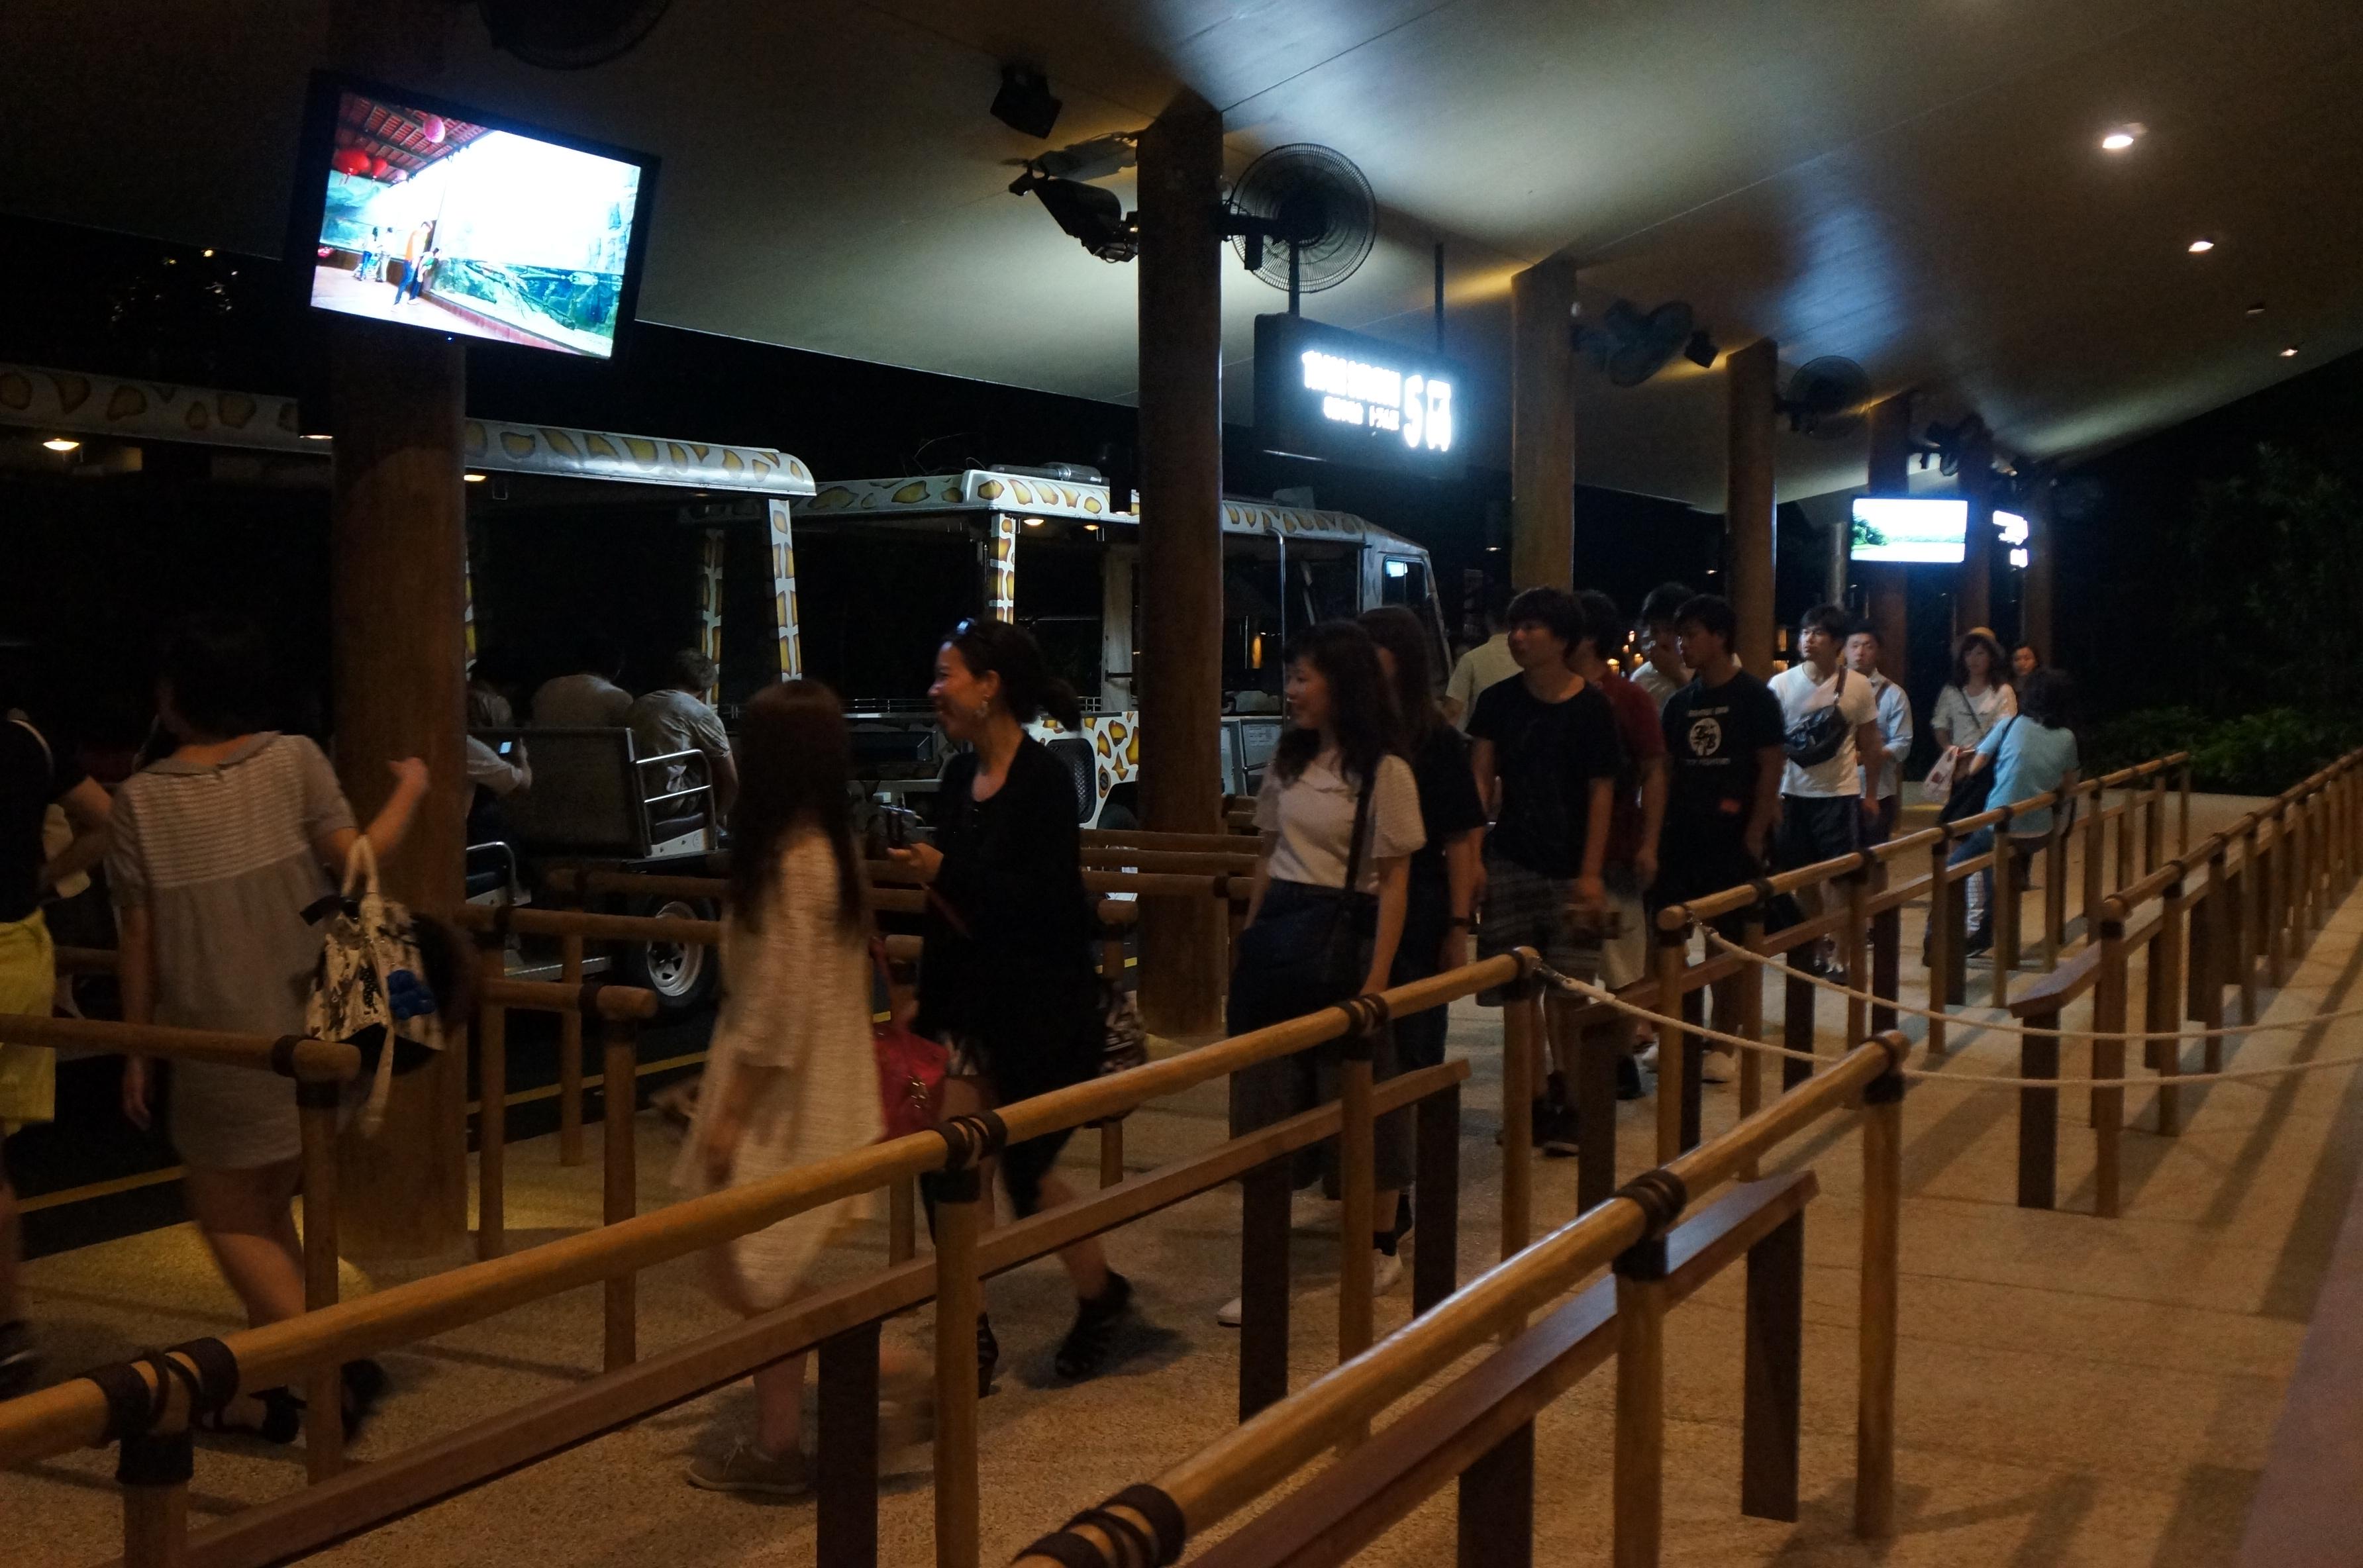 【携程攻略】新加坡夜间野生动物园景点,07:15在夜幕